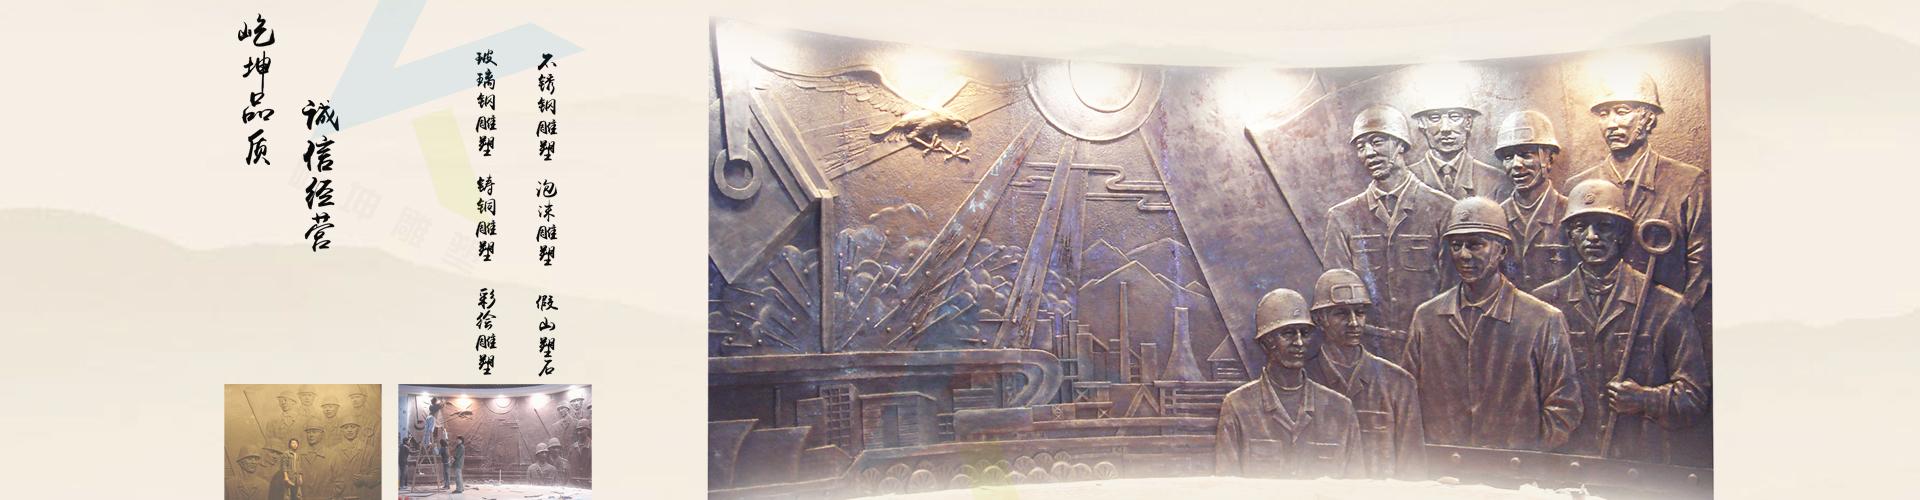 福建不锈钢雕塑厂家